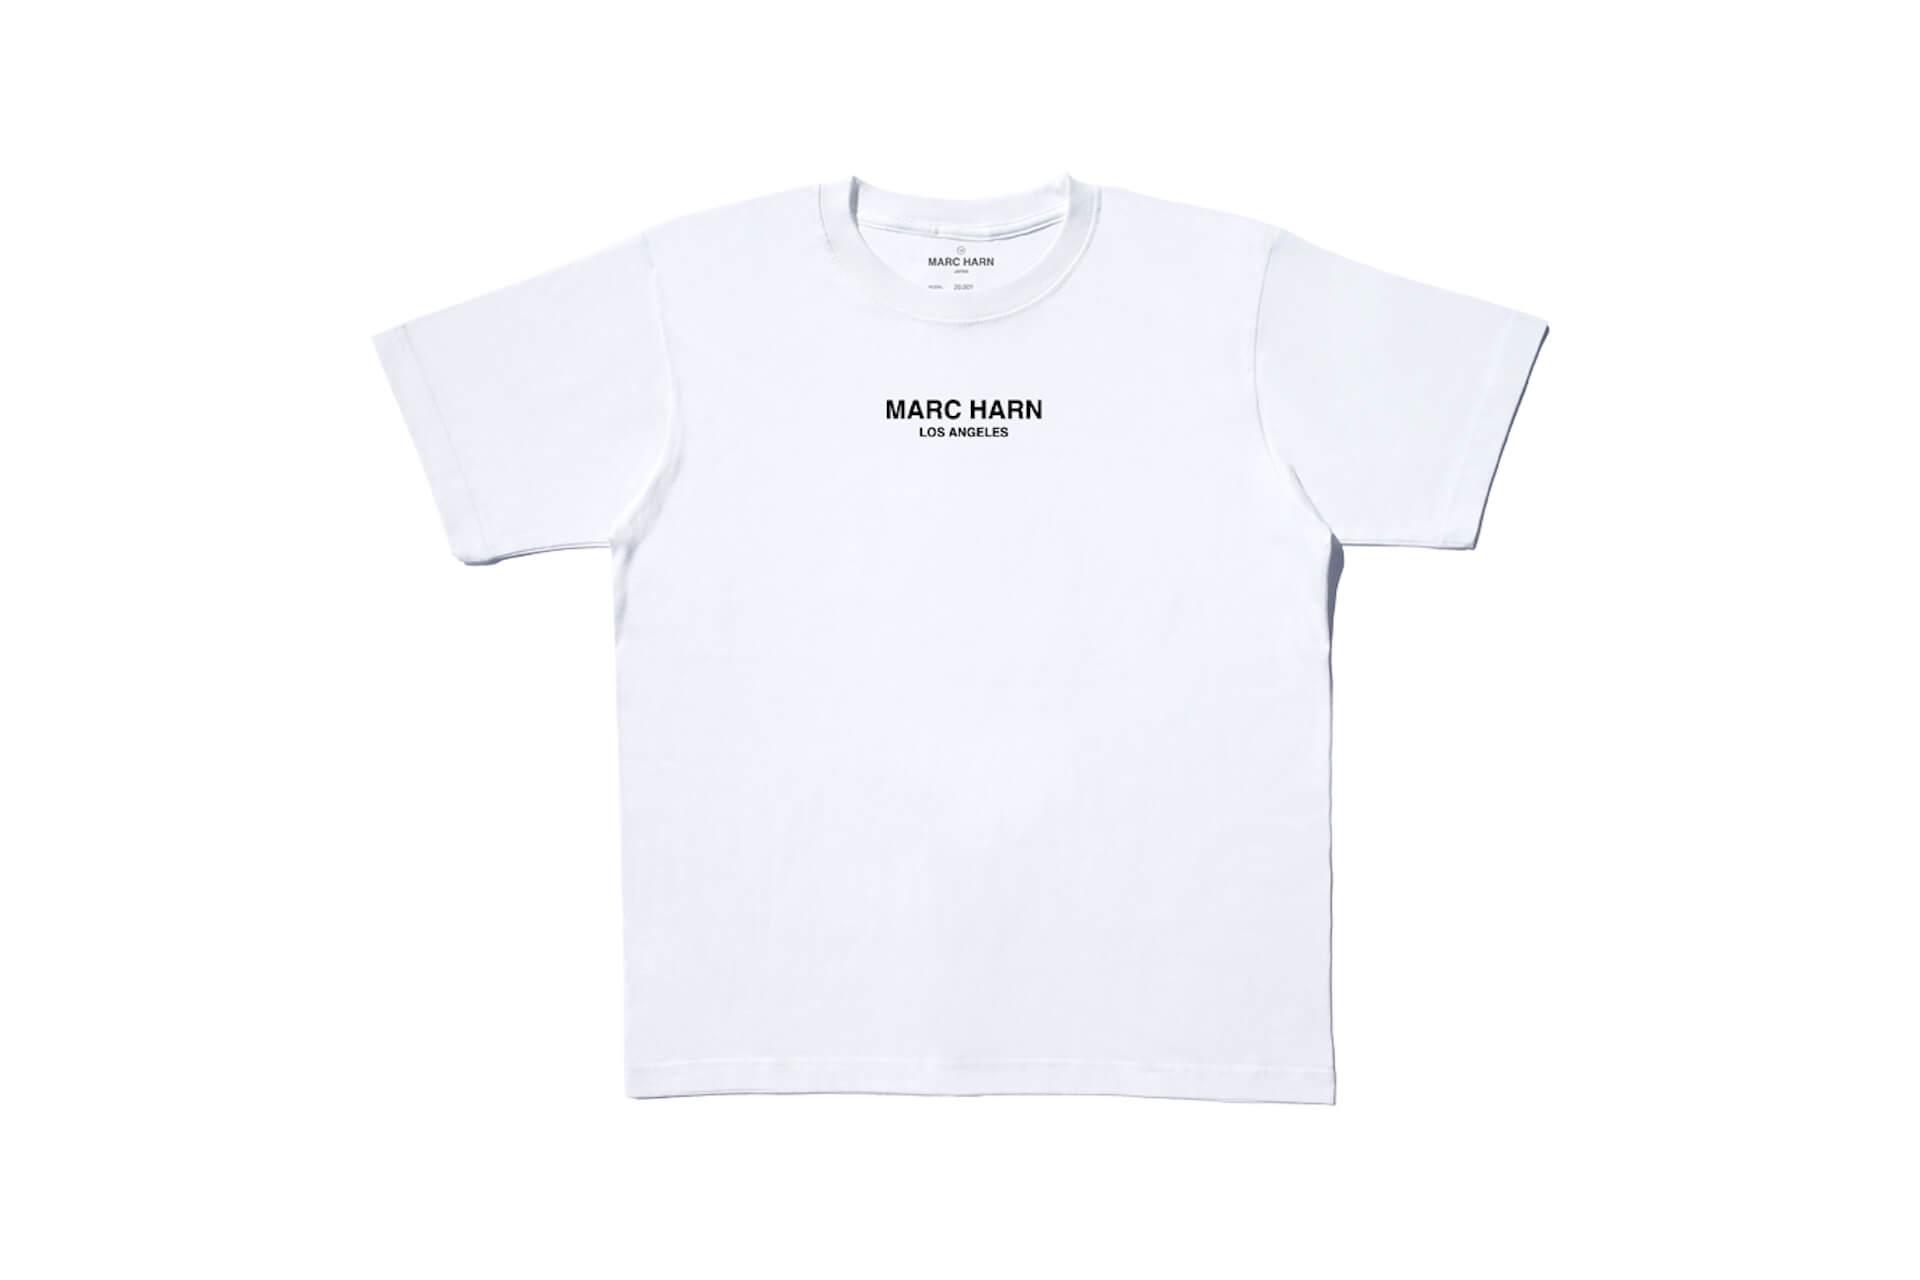 ファレル・ウィリアムス、VANSが認めたMASAの「MARC HARN」が新作の受注受付を開始!Tシャツやキャップなど12アイテム lf200618_marcharn_10